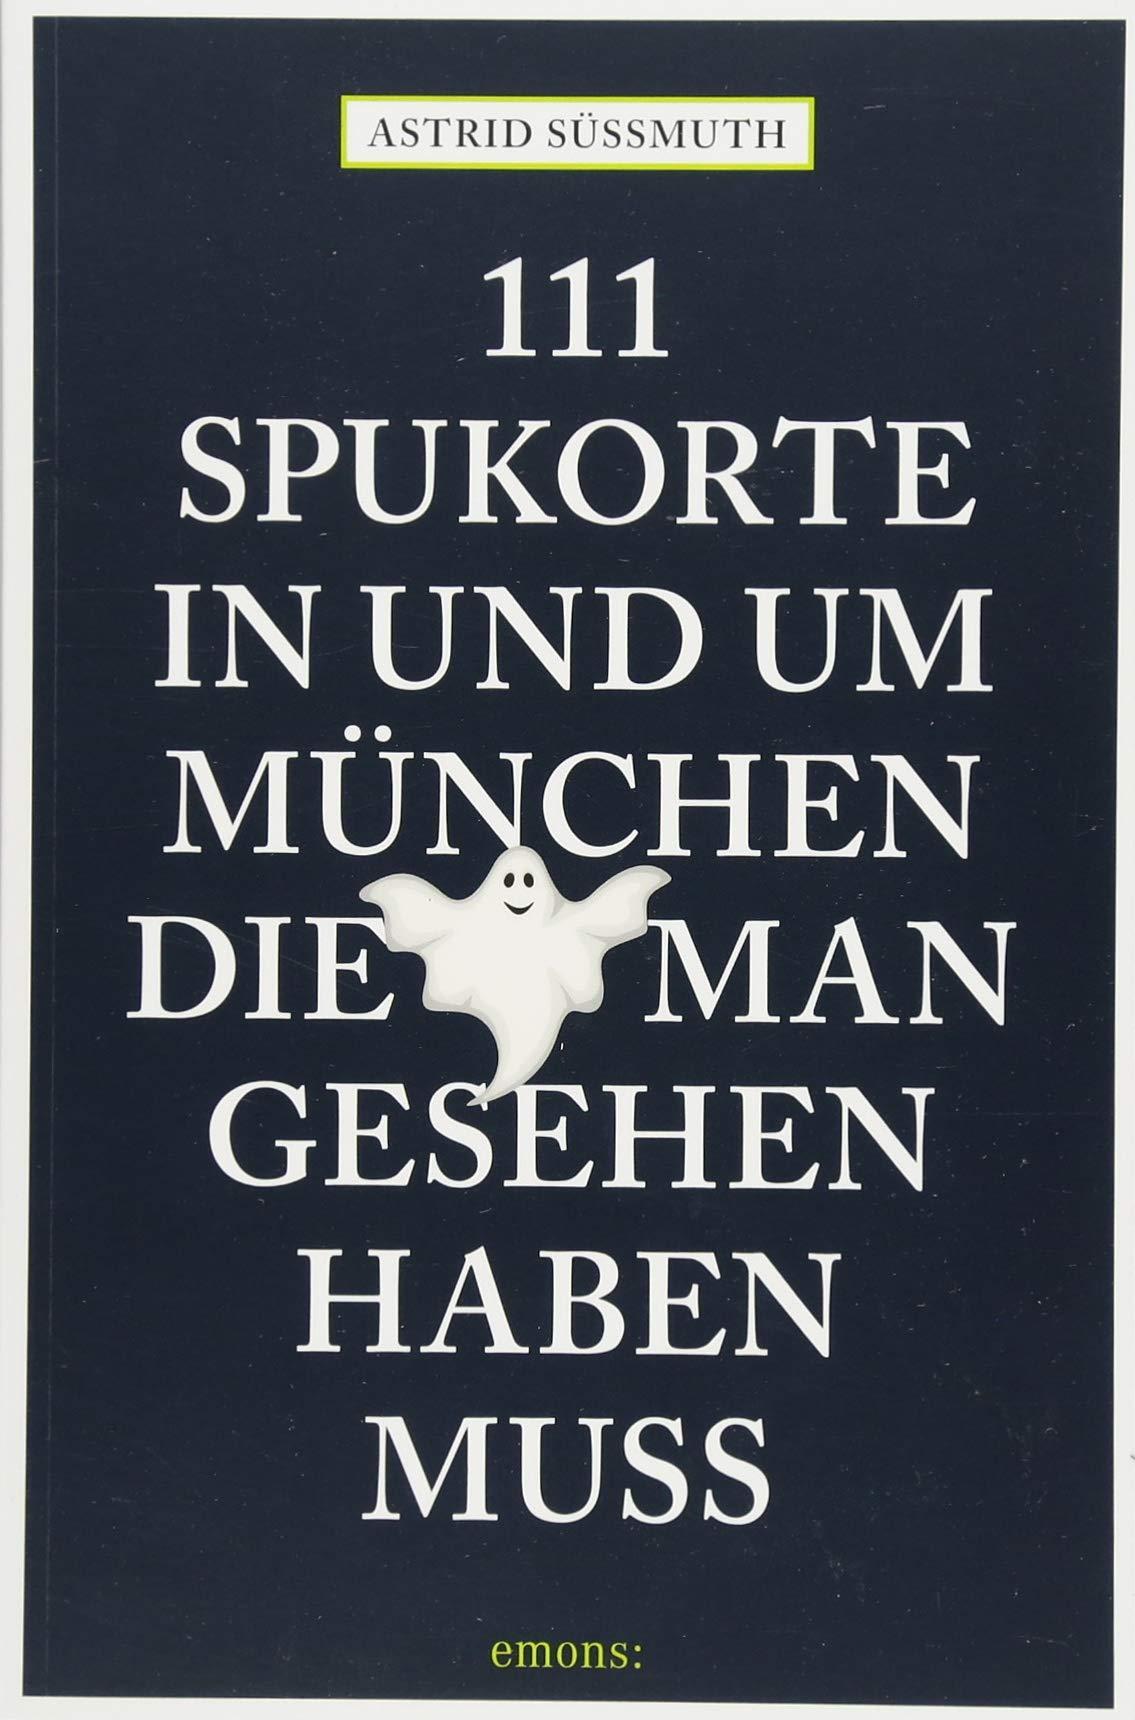 111 Spukorte in und um München, die man gesehen haben muss: Reiseführer (111 Orte ...)